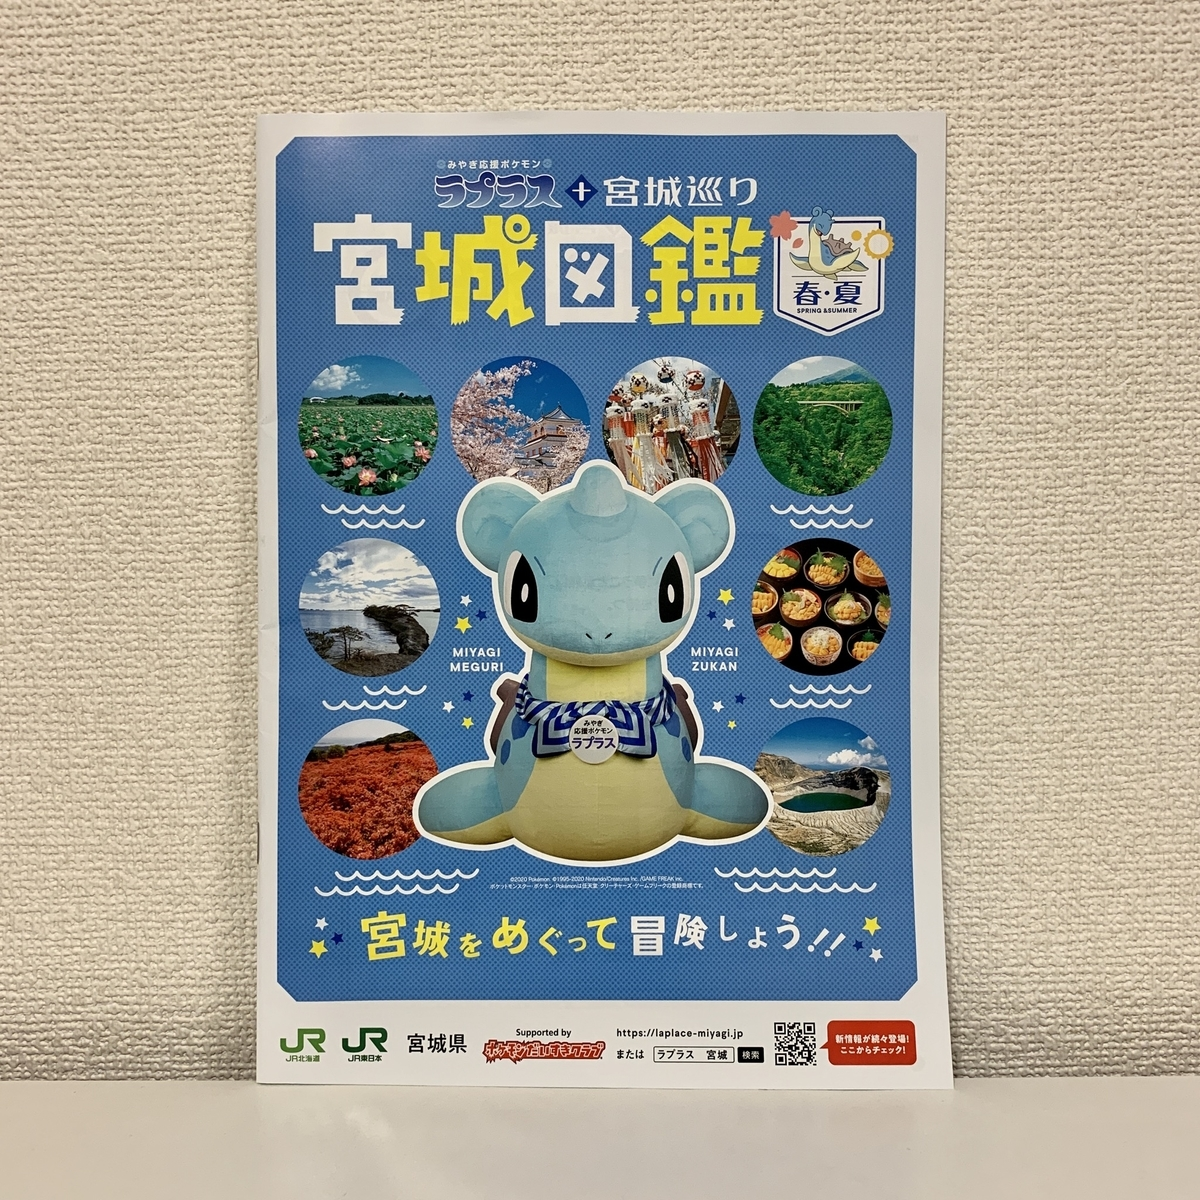 f:id:pikachu_pcn:20200625214424j:plain